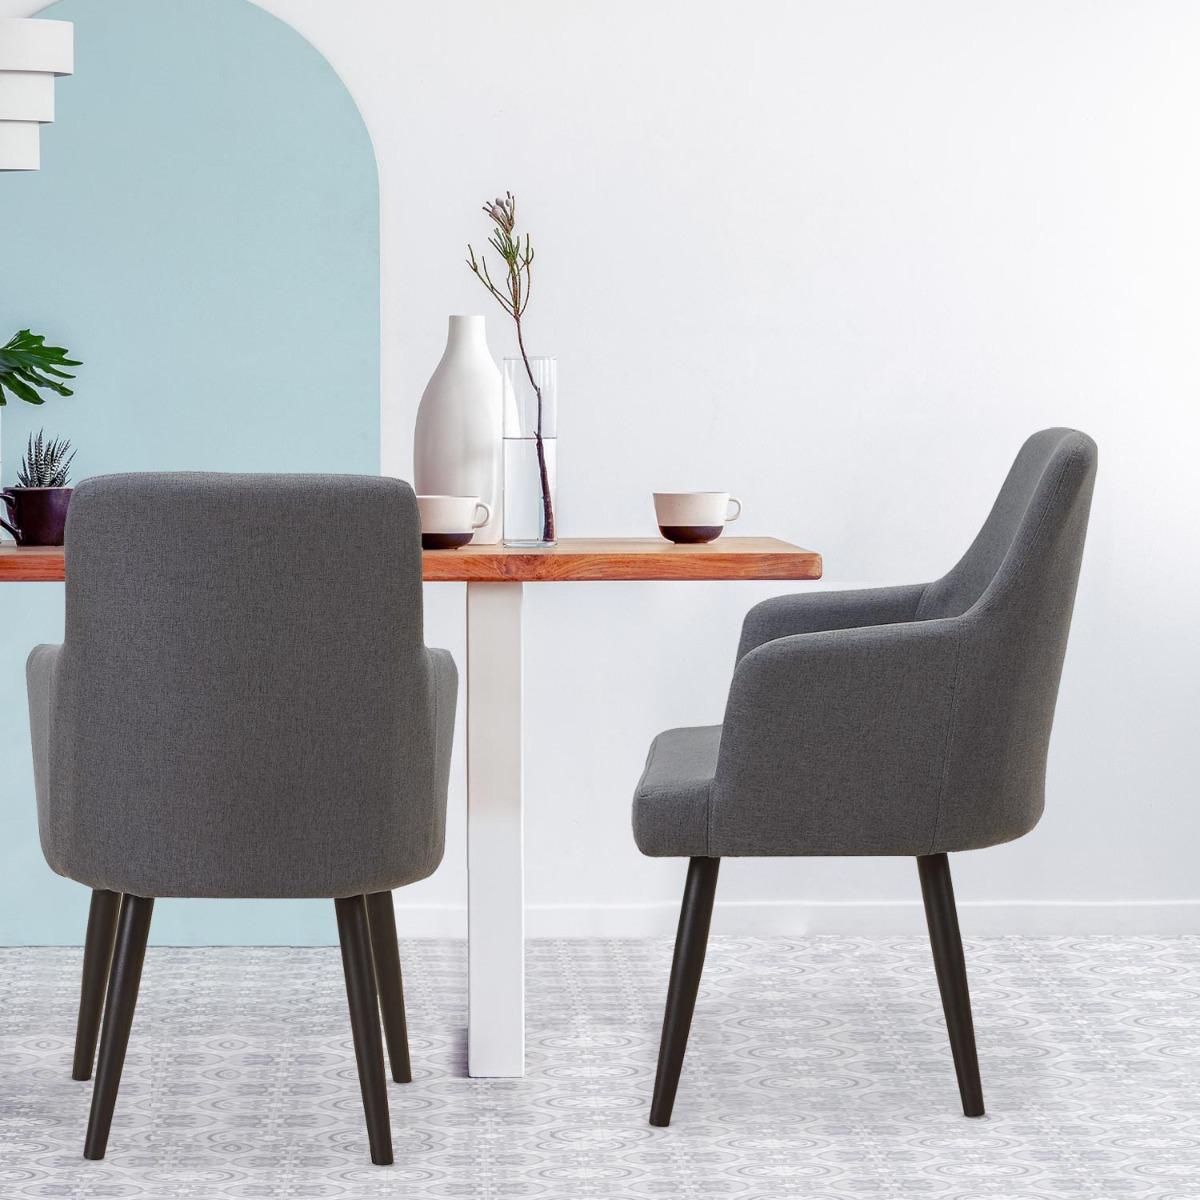 Set van 2 Neiva fauteuils in donkergrijze stof